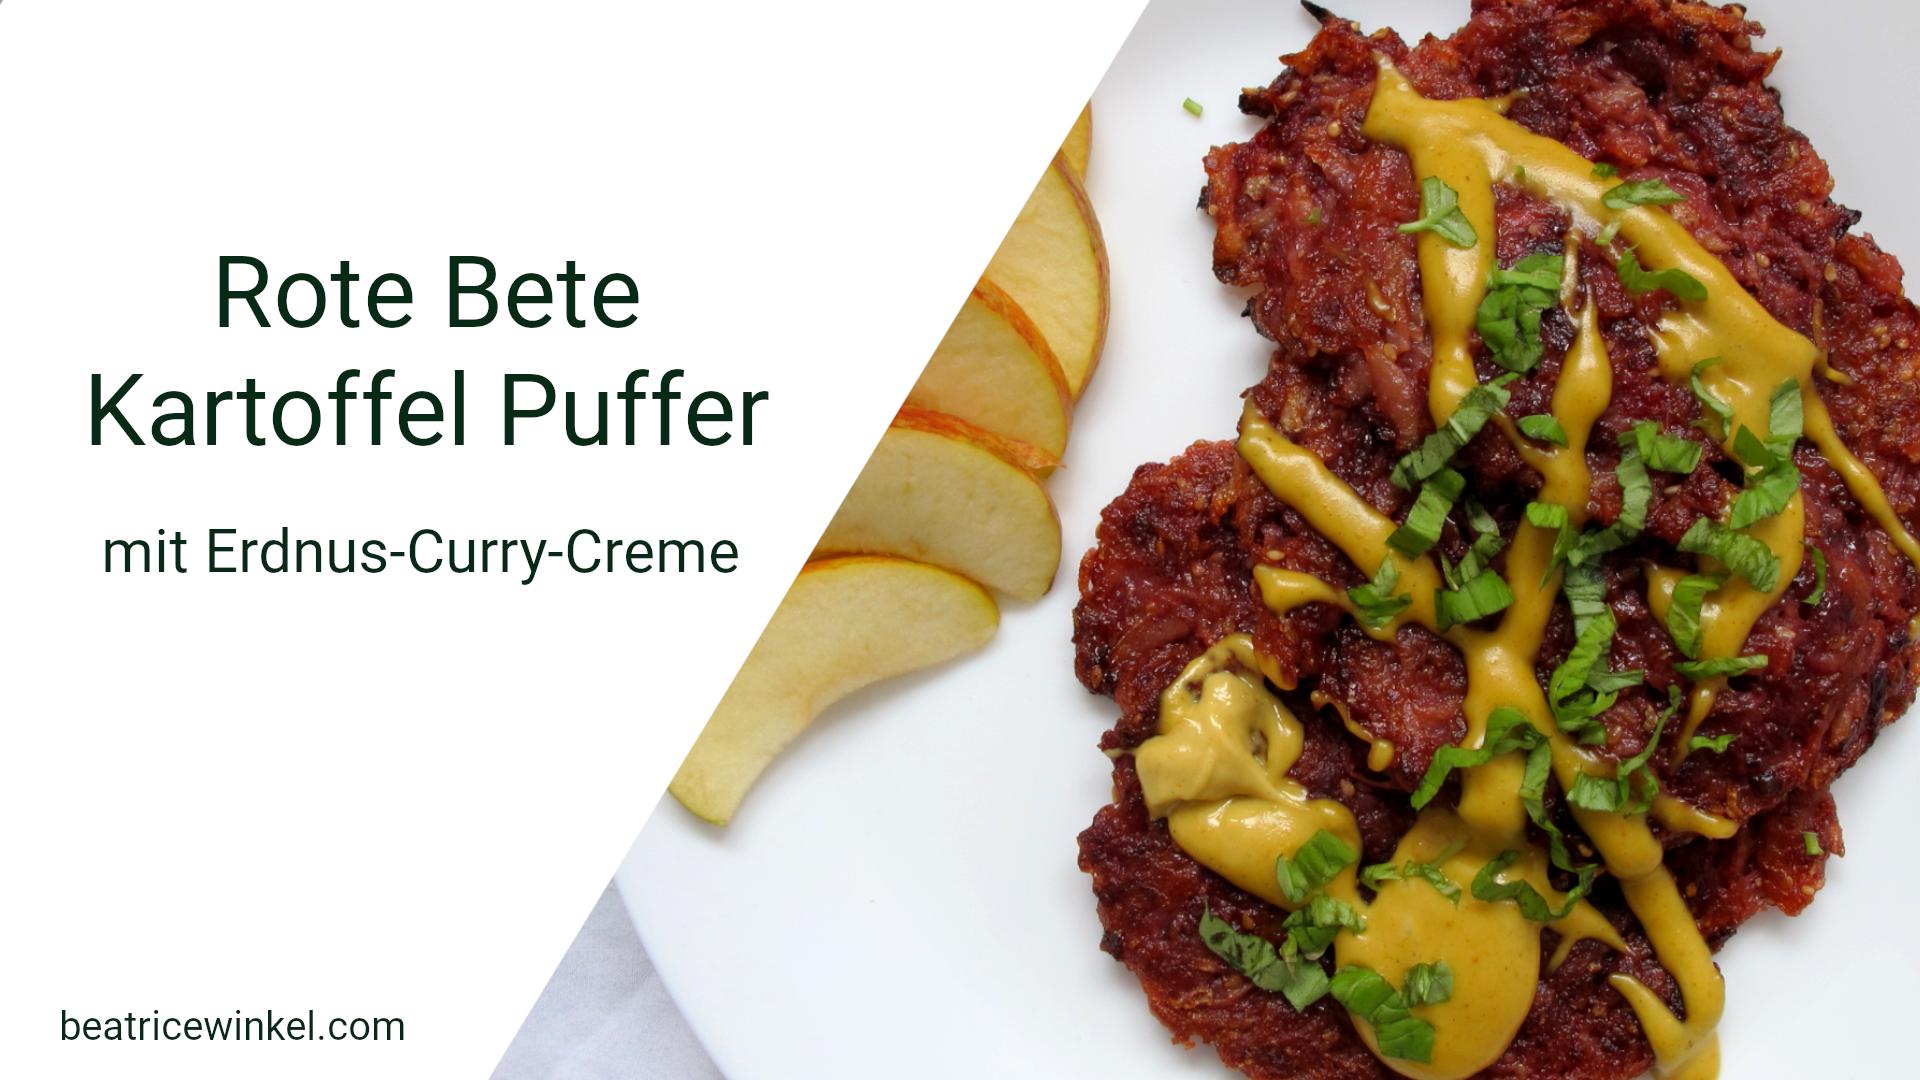 Rote Bete Kartoffel Taler mit Erdnuss-Curry-Creme